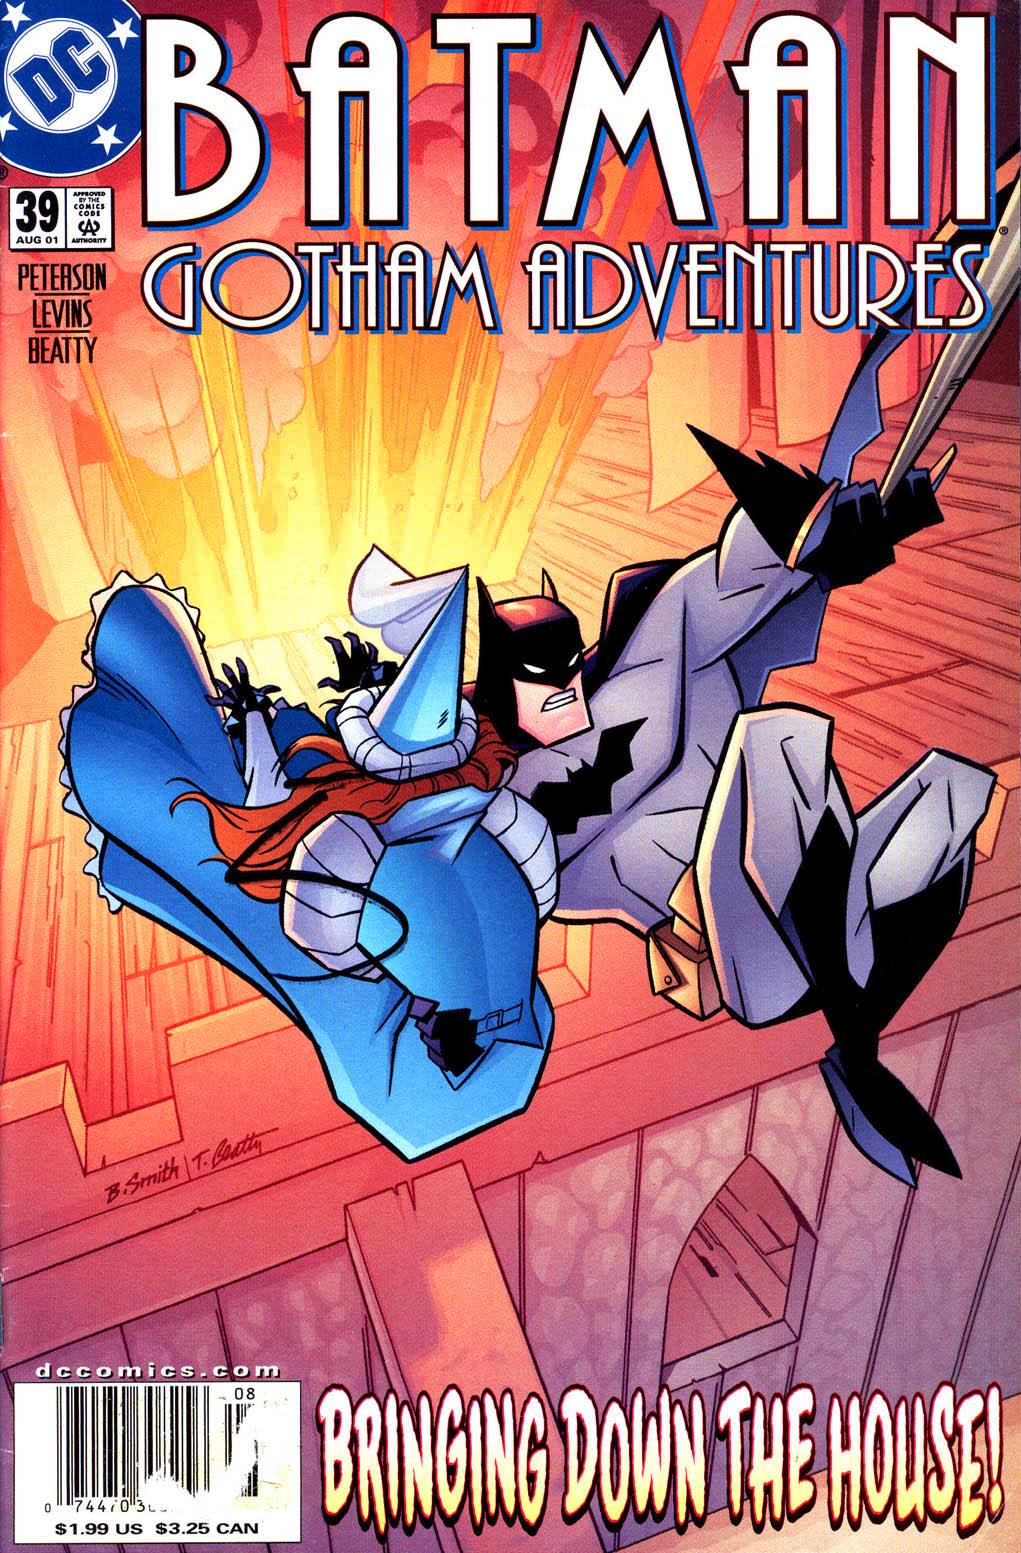 Batman: Gotham Adventures issue 39 - Page 1